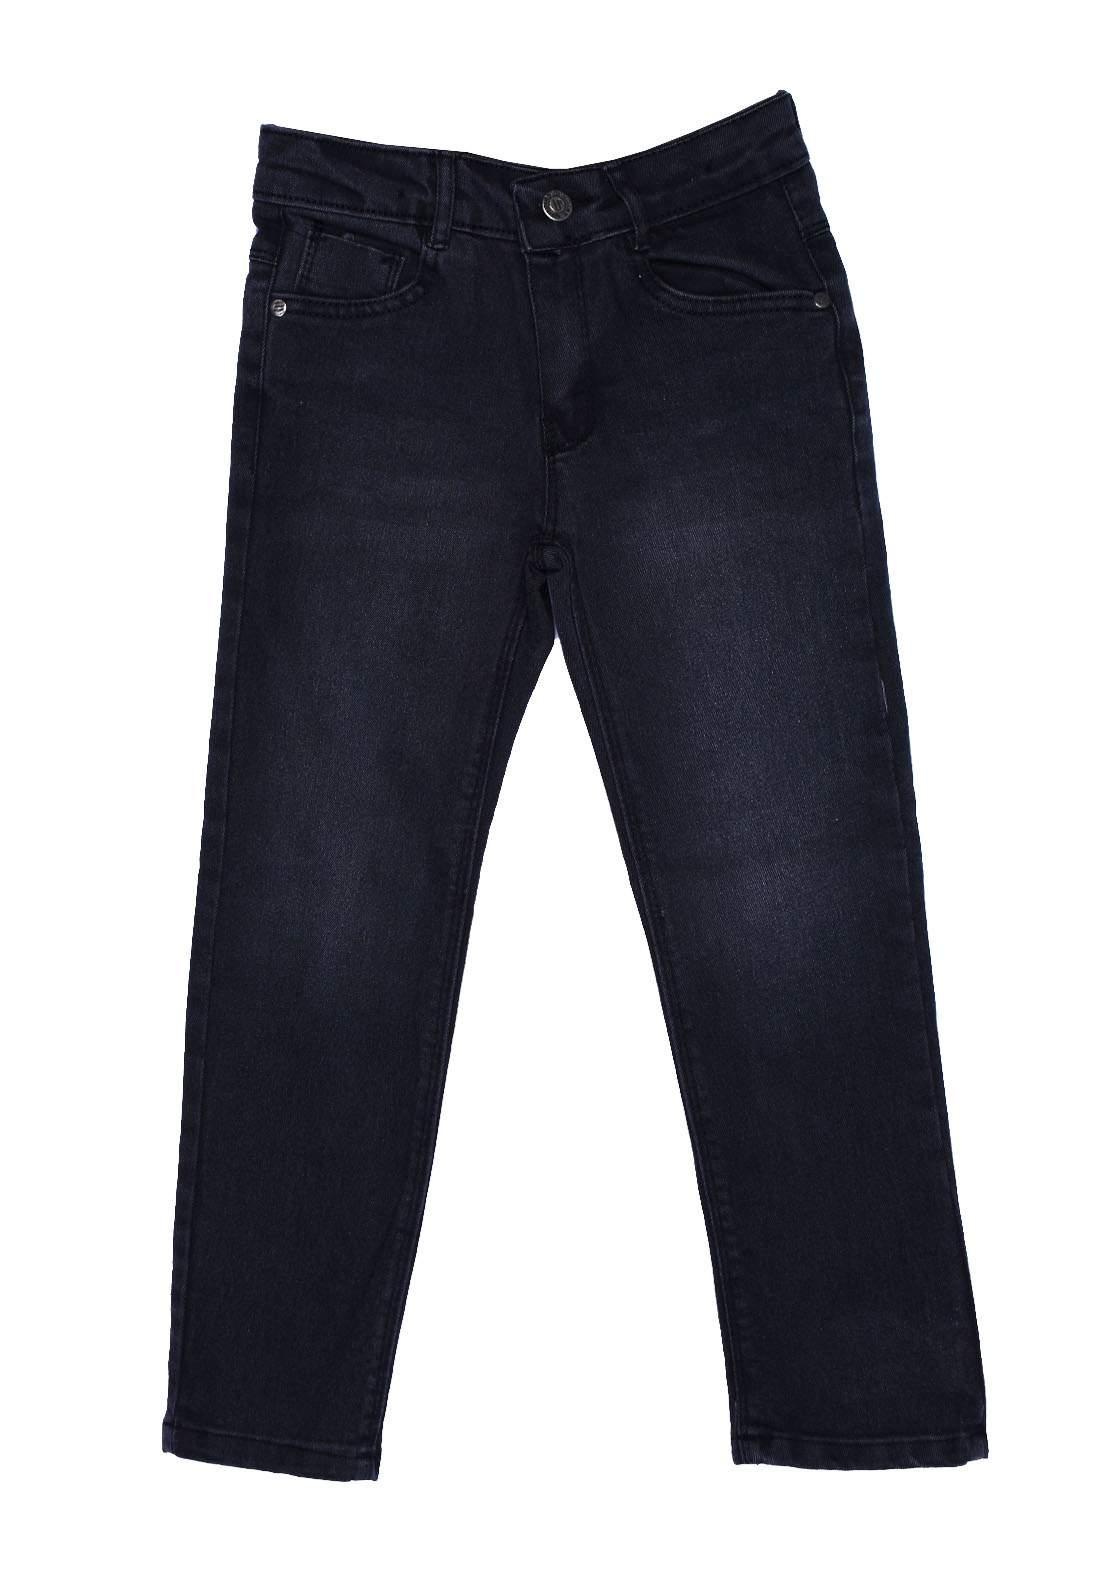 بنطلون ولادي جينز اسود اللون من Astar